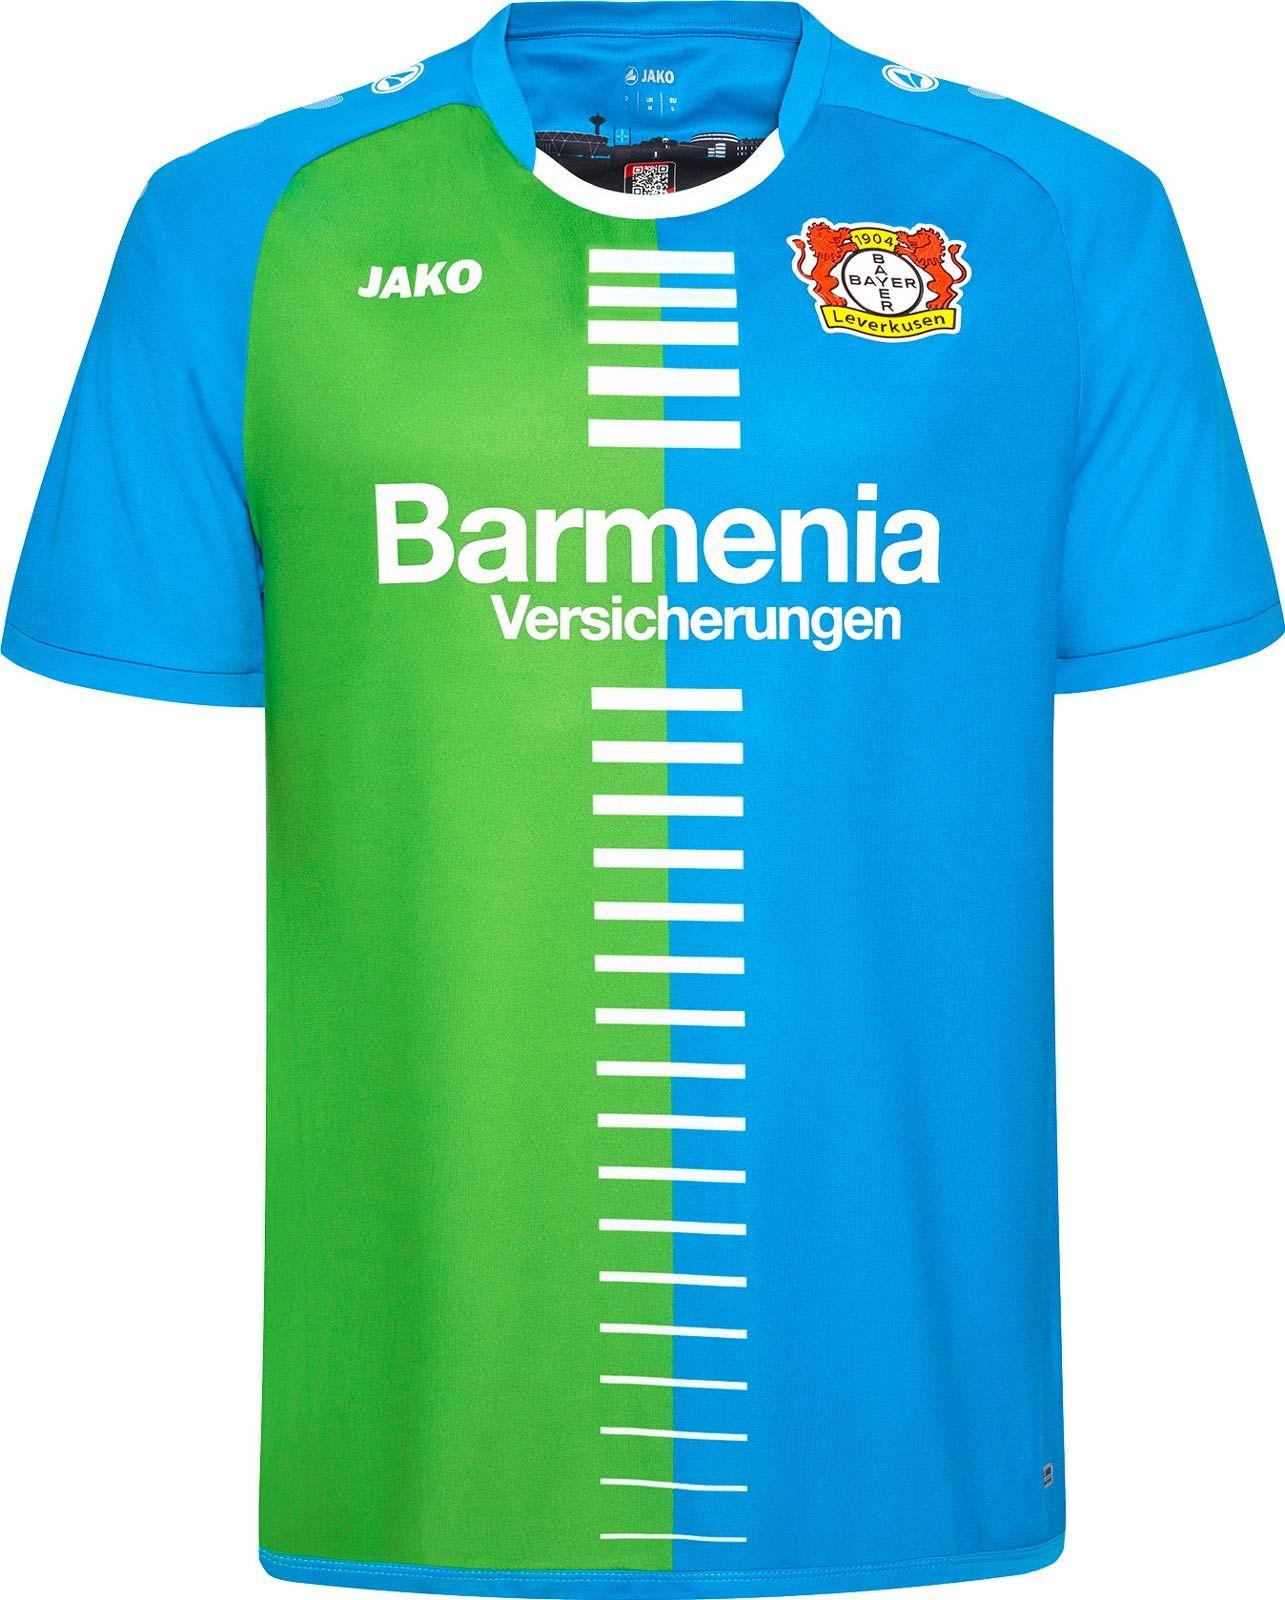 Insane Bayer Leverkusen 16-17 Special Kit Released - Footy ...